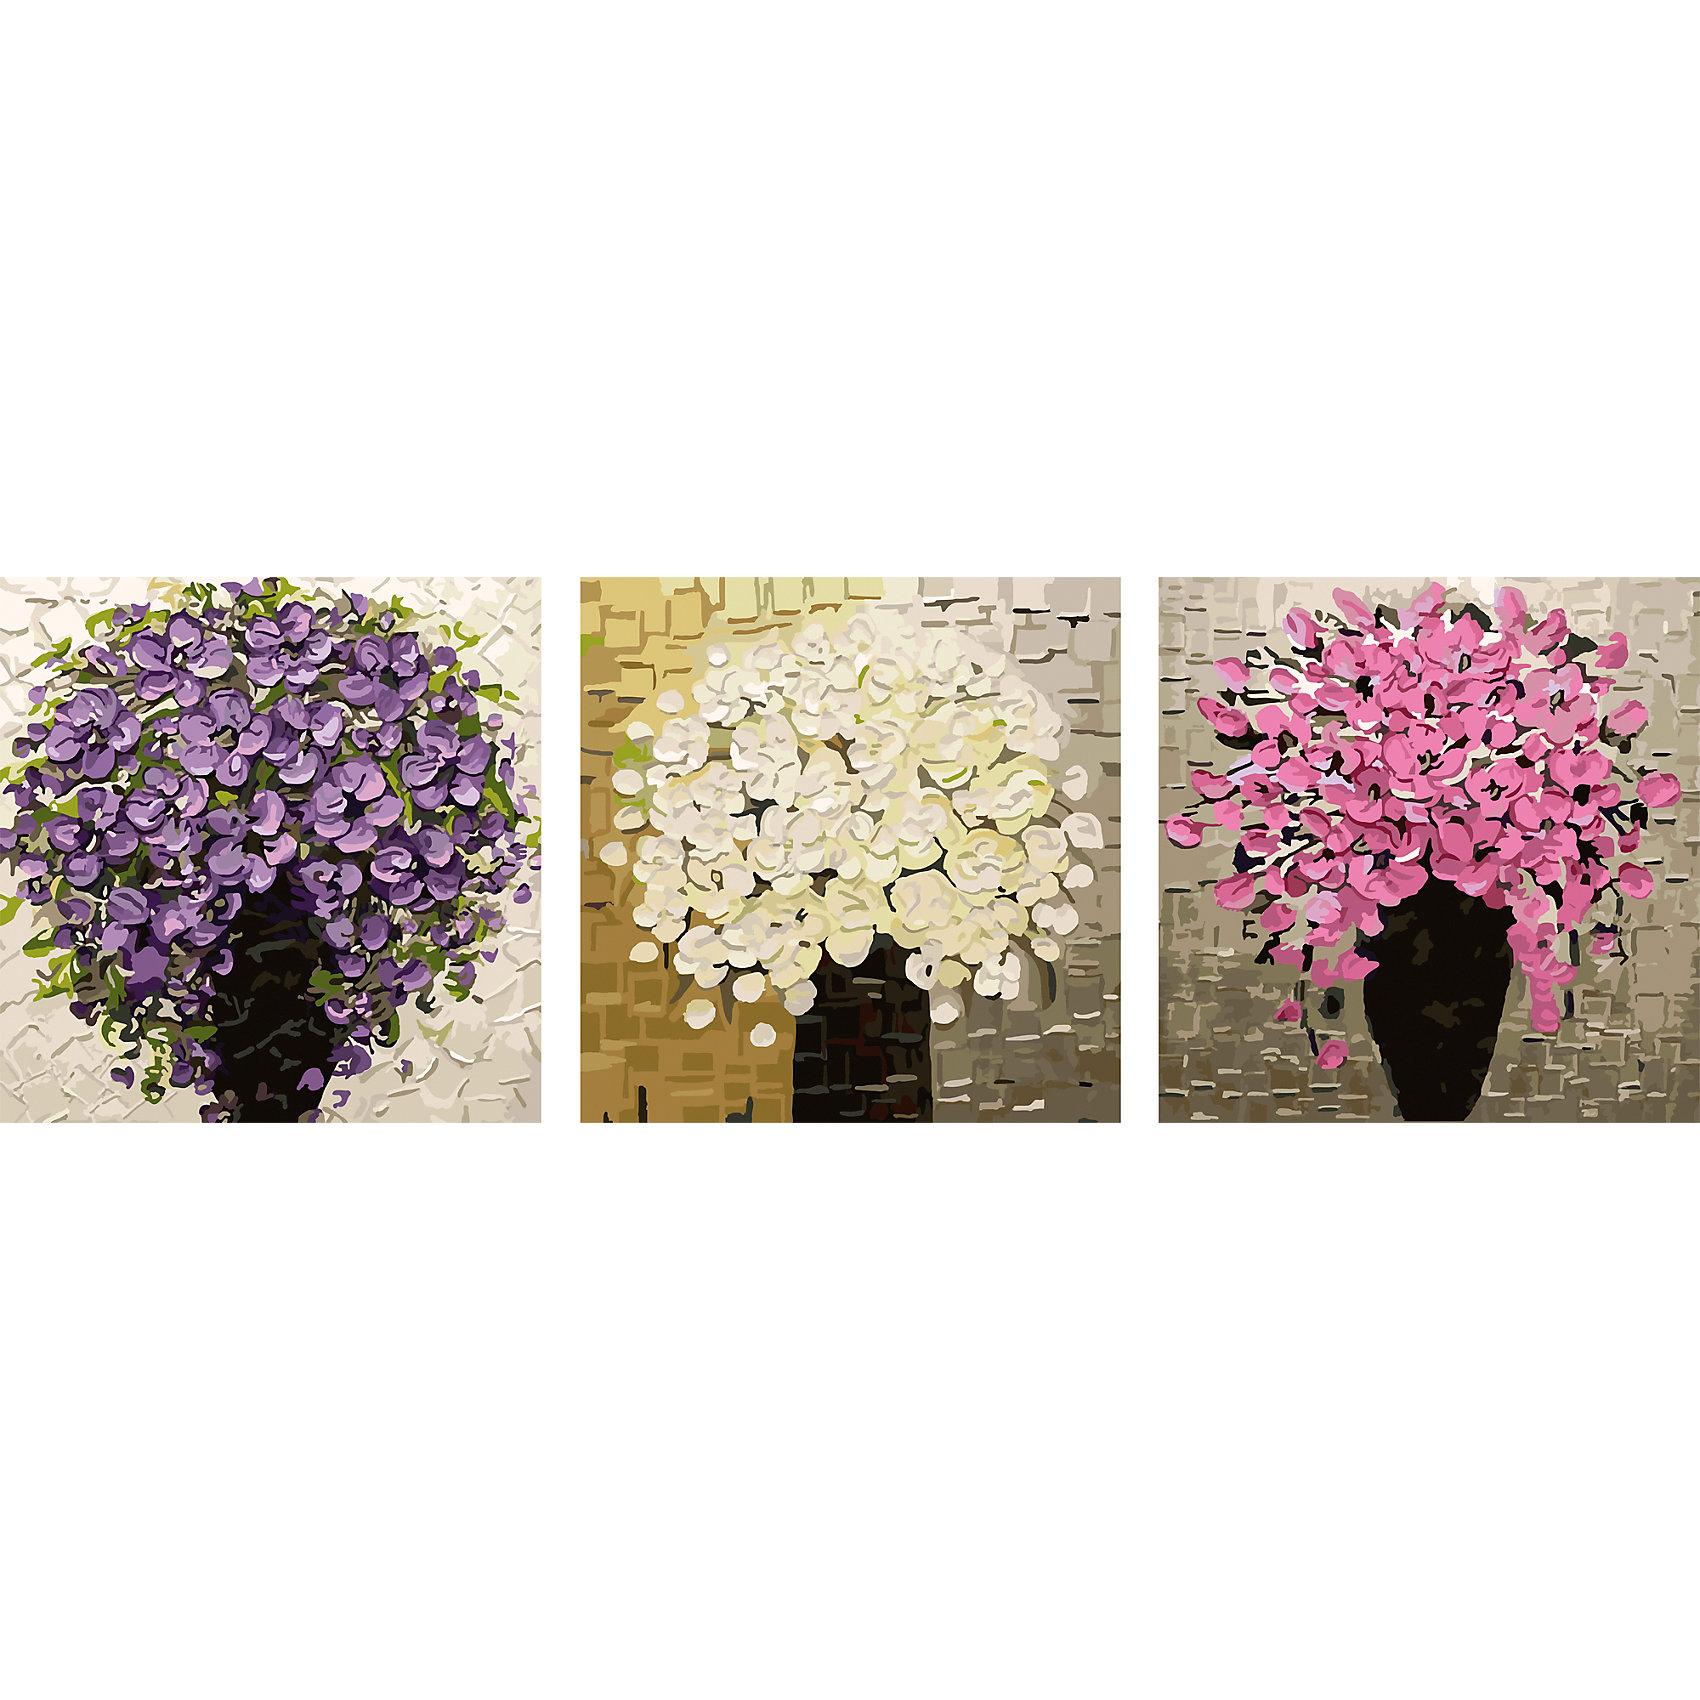 Роспись по номерам, триптих Цветы в вазах 50*50 см (3 картины в наборе)Роспись по номерам, триптих Цветы в вазах 50*50 см (3 картины в наборе)<br> <br> <br><br>В набор входит:<br>-3 холста с нанесенным, пронумерованным рисунком<br>-набор акриловых красок на водяной основе<br>-3 кисточки для рисования<br>-крепление для подвешивания картины<br>-запасной чистый лист<br>-инструкция<br><br>Характеристика:<br>-Размер: 50х50 см<br>-Изображение: цветы в вазе<br><br> Роспись по номерам, триптих Цветы в вазах 50*50 см (3 картины в наборе) - это интересное решение для украшения вашего интерьера. К рисованию можно приобщить и детей. Благодаря нумеровке на холсте, у ребёнка не возникнет особых затруднений, особенно с вашей помощью. Нарисовав картину, вы сможете повесить её в любое место с помощью крепления, прилагающемуся вместе с картинами. Благодаря качеству акриловых красок, ваша картина не потускнеет со временем и будет радовать вас долгое время.<br><br>Роспись по номерам, триптих Цветы в вазах 50*50 см (3 картины в наборе) можно приобрести в нашем интернет-магазине.<br><br>Ширина мм: 520<br>Глубина мм: 520<br>Высота мм: 50<br>Вес г: 900<br>Возраст от месяцев: 36<br>Возраст до месяцев: 2147483647<br>Пол: Унисекс<br>Возраст: Детский<br>SKU: 5117354